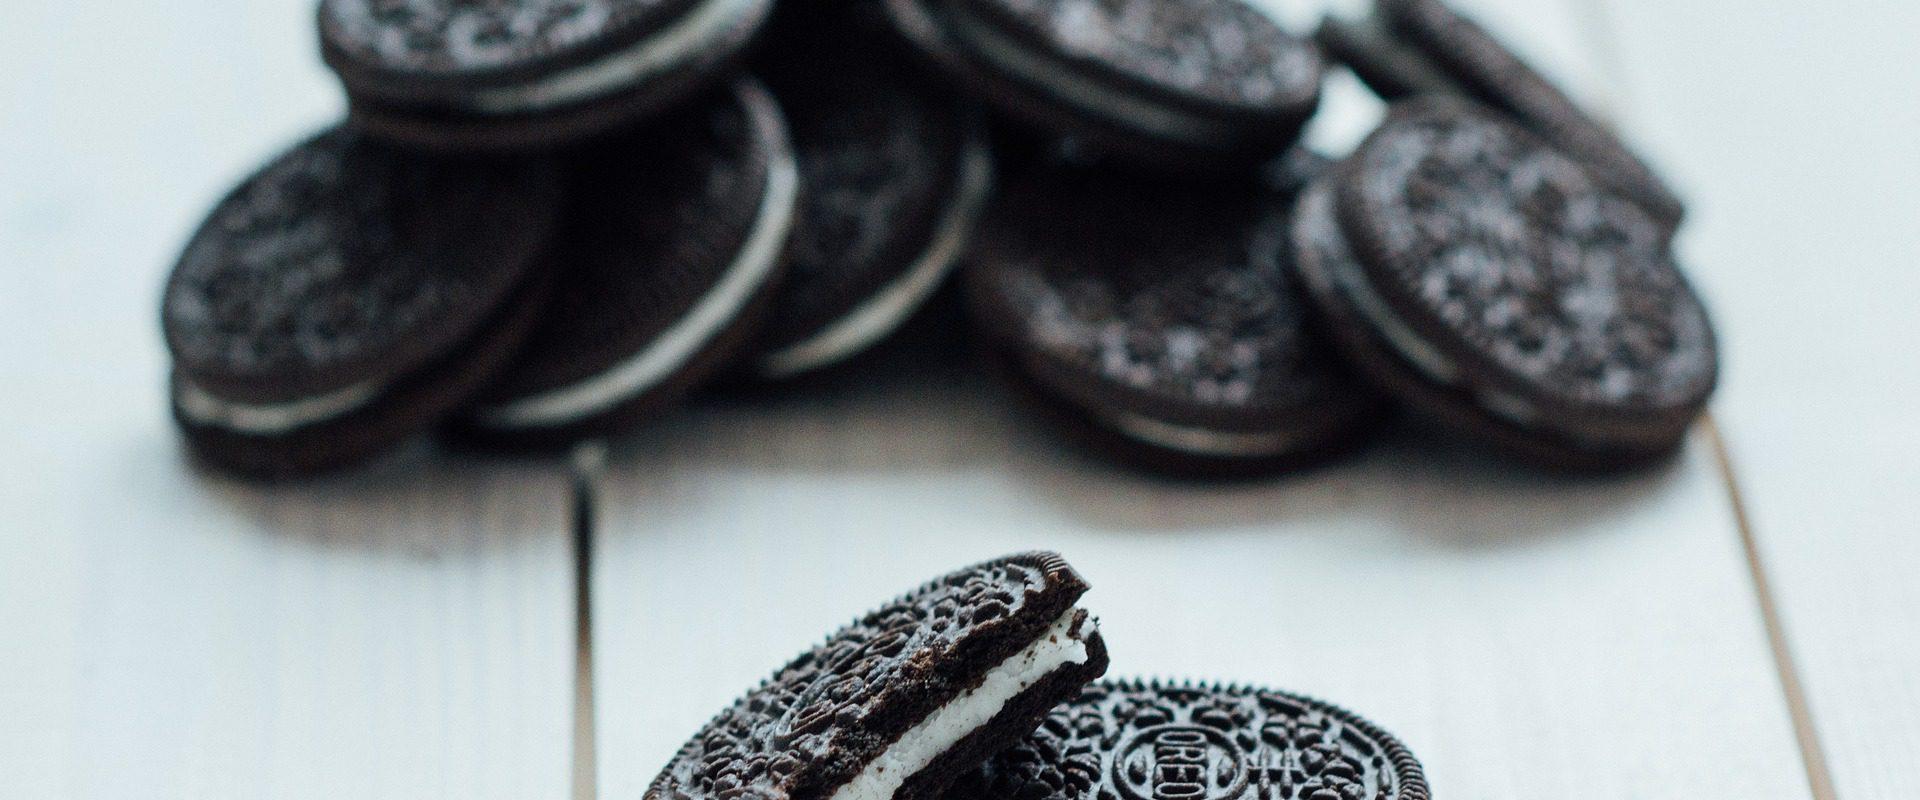 Cookies Einwilligung